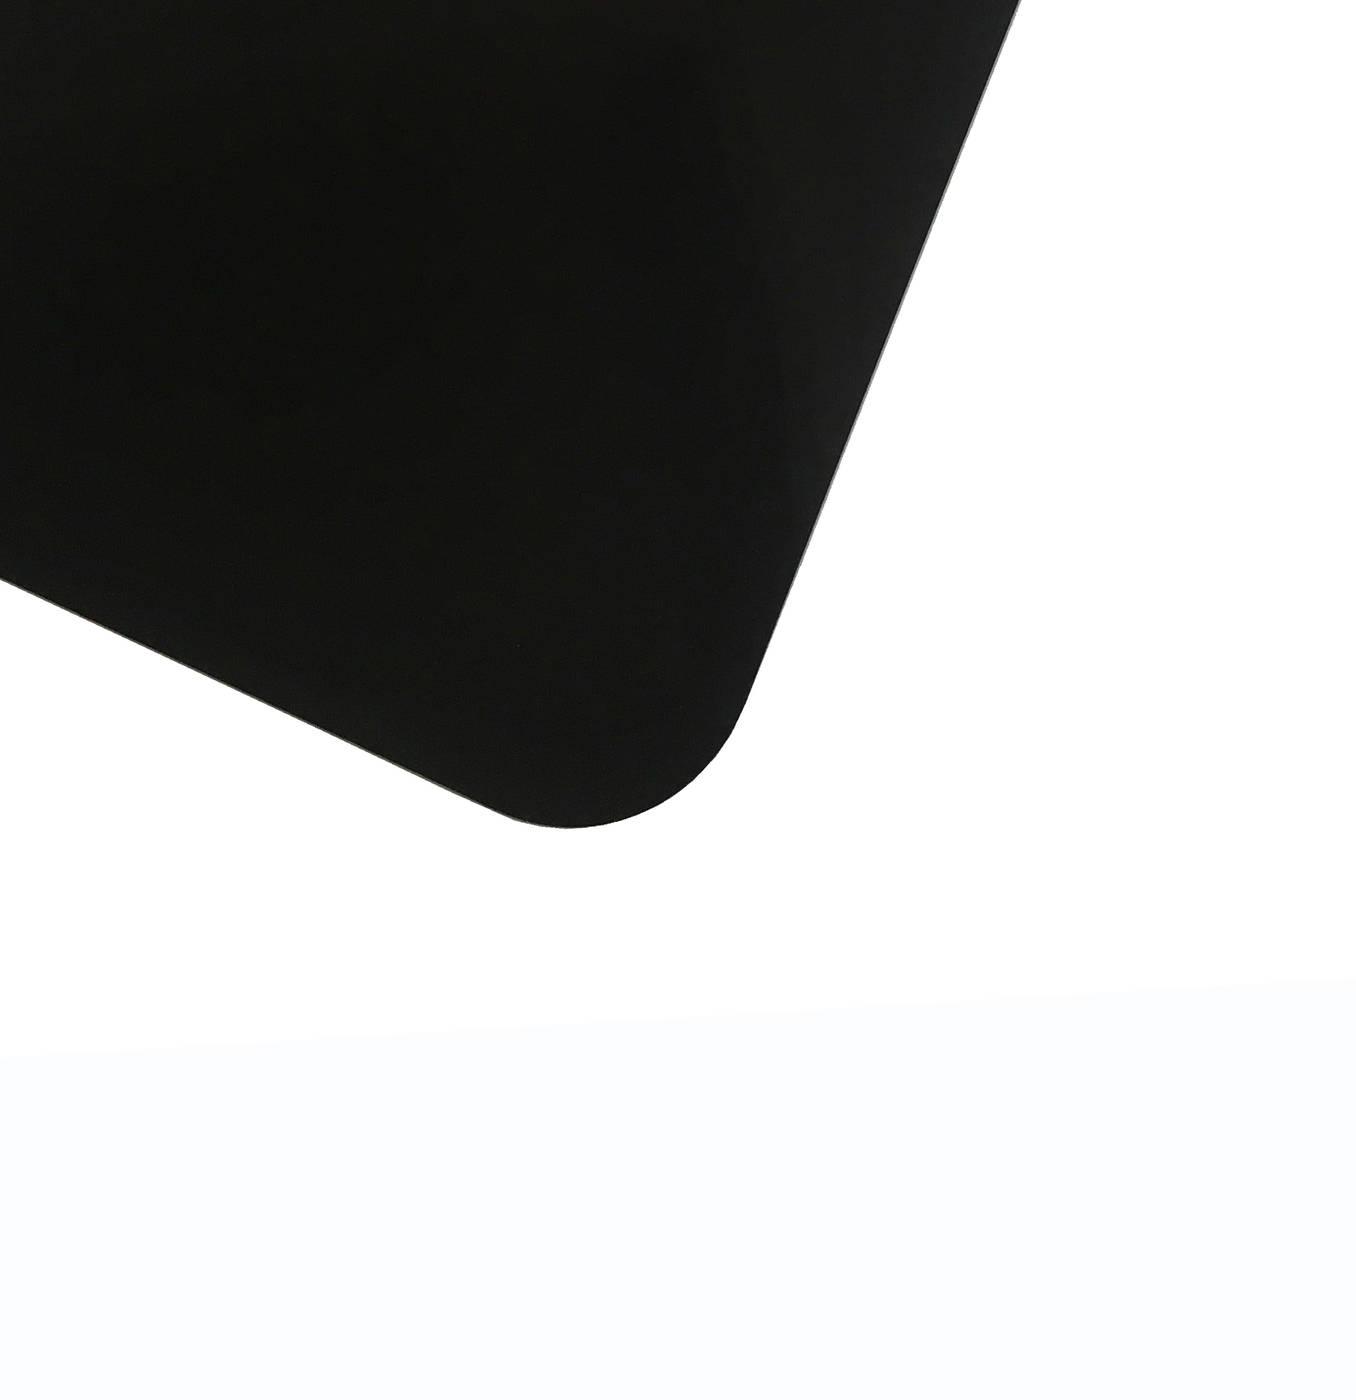 Купить Планшет для пленэра из оргстекла 3 мм, под лист размера 40х60 см, цвет черный, Decoriton, Россия